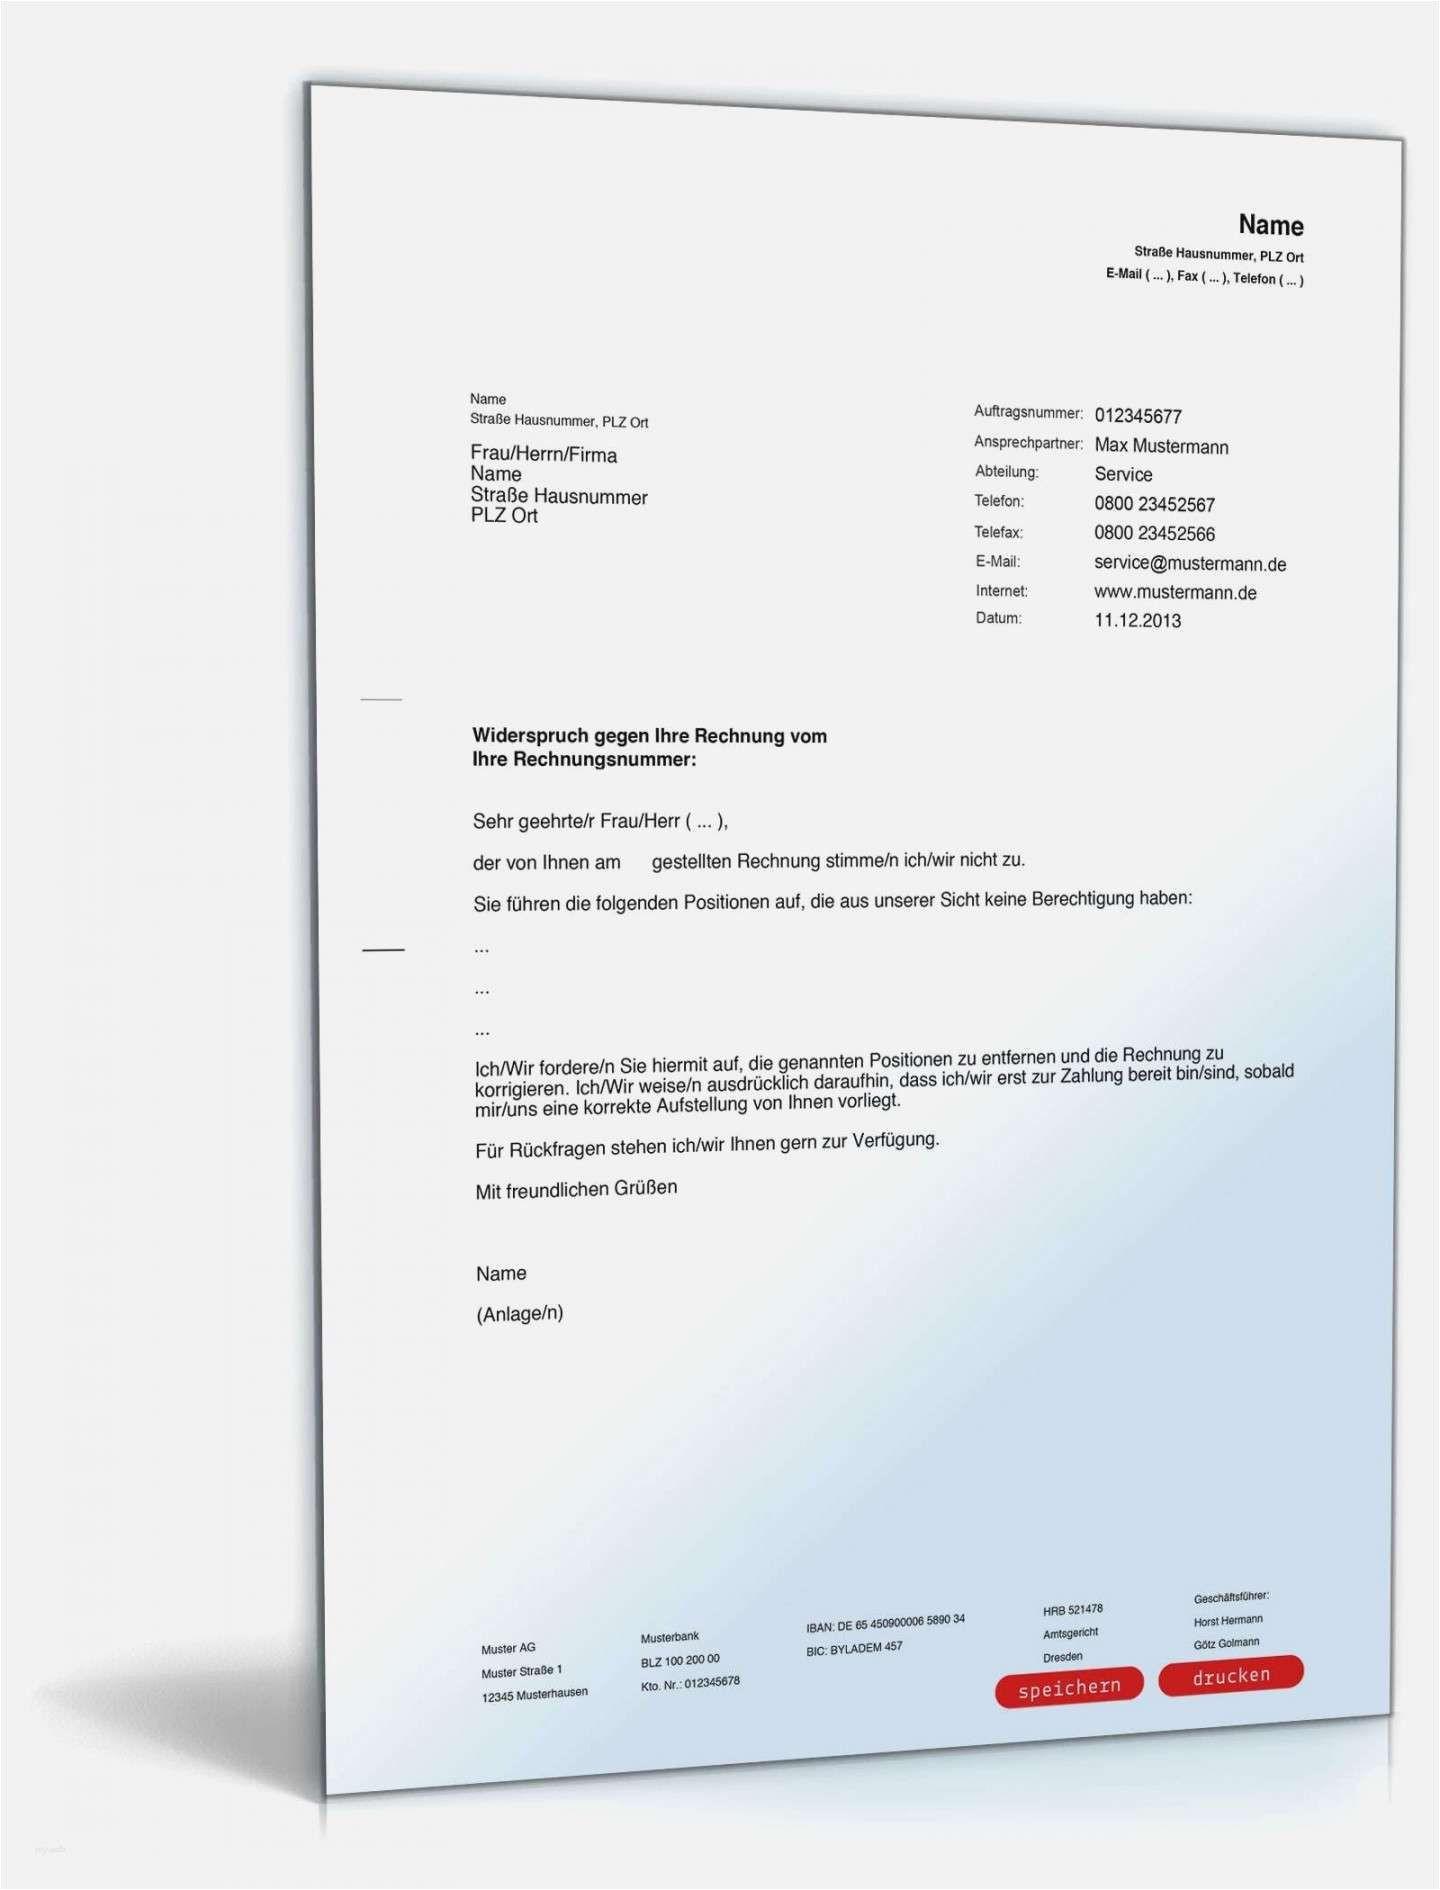 Paper Card Of Hs Code Einfach Vorlage Widerspruch Jobcenter Mit Bildern